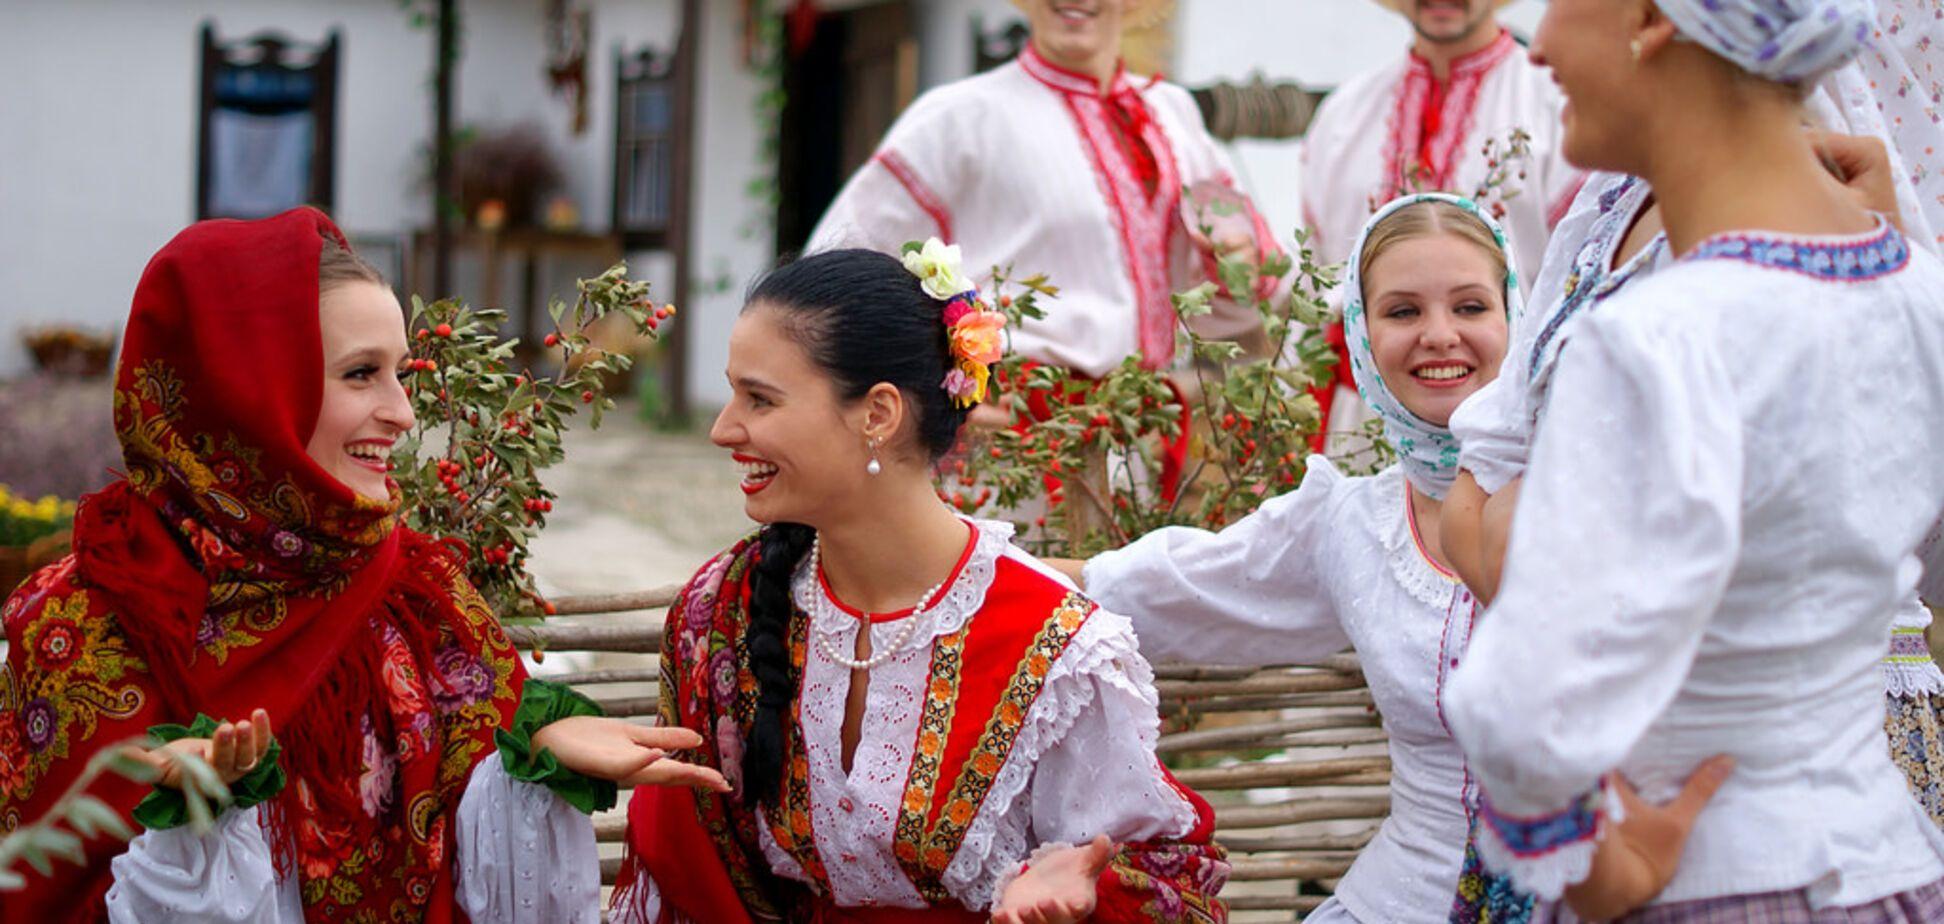 Кульчицкий призвал помнить об украинской Кубани